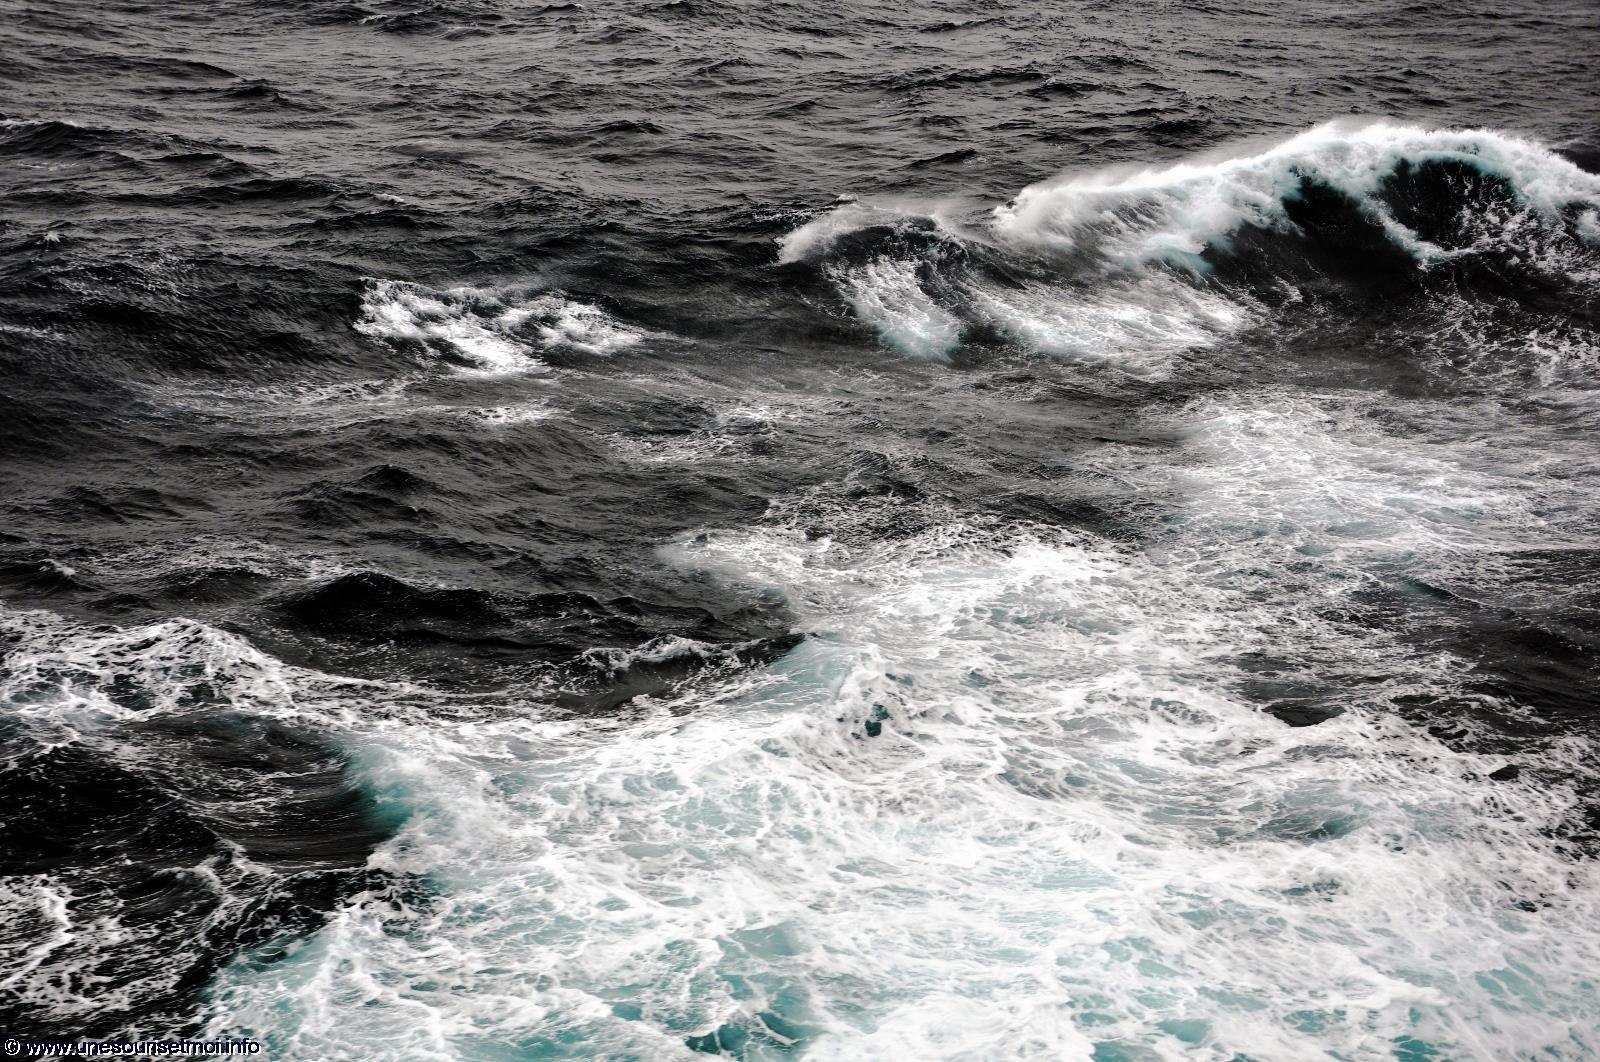 photographies_mer_et_vagues_HD_03